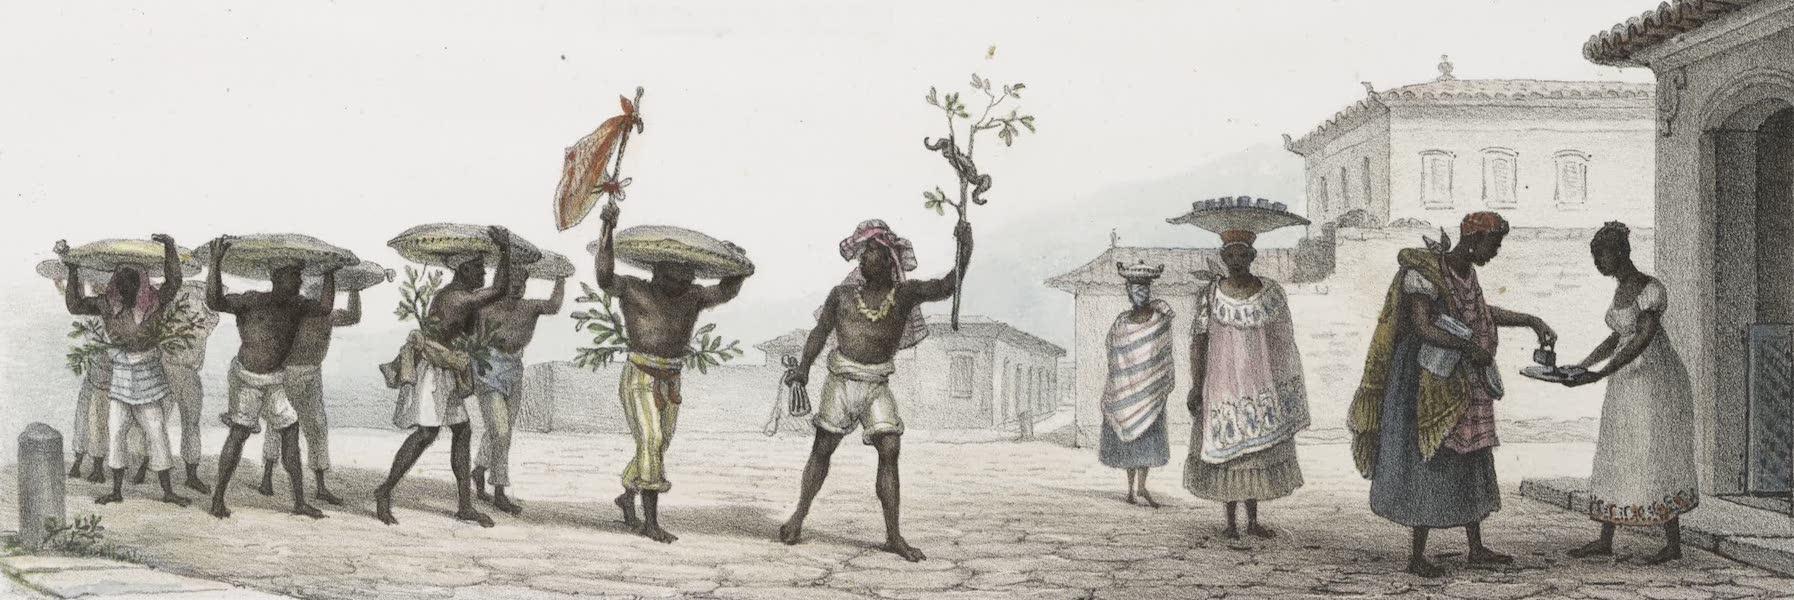 Voyage Pittoresque et Historique au Bresil Vol. 2 - Convoi de Cafe / Marchandes de cafe Brule (1835)